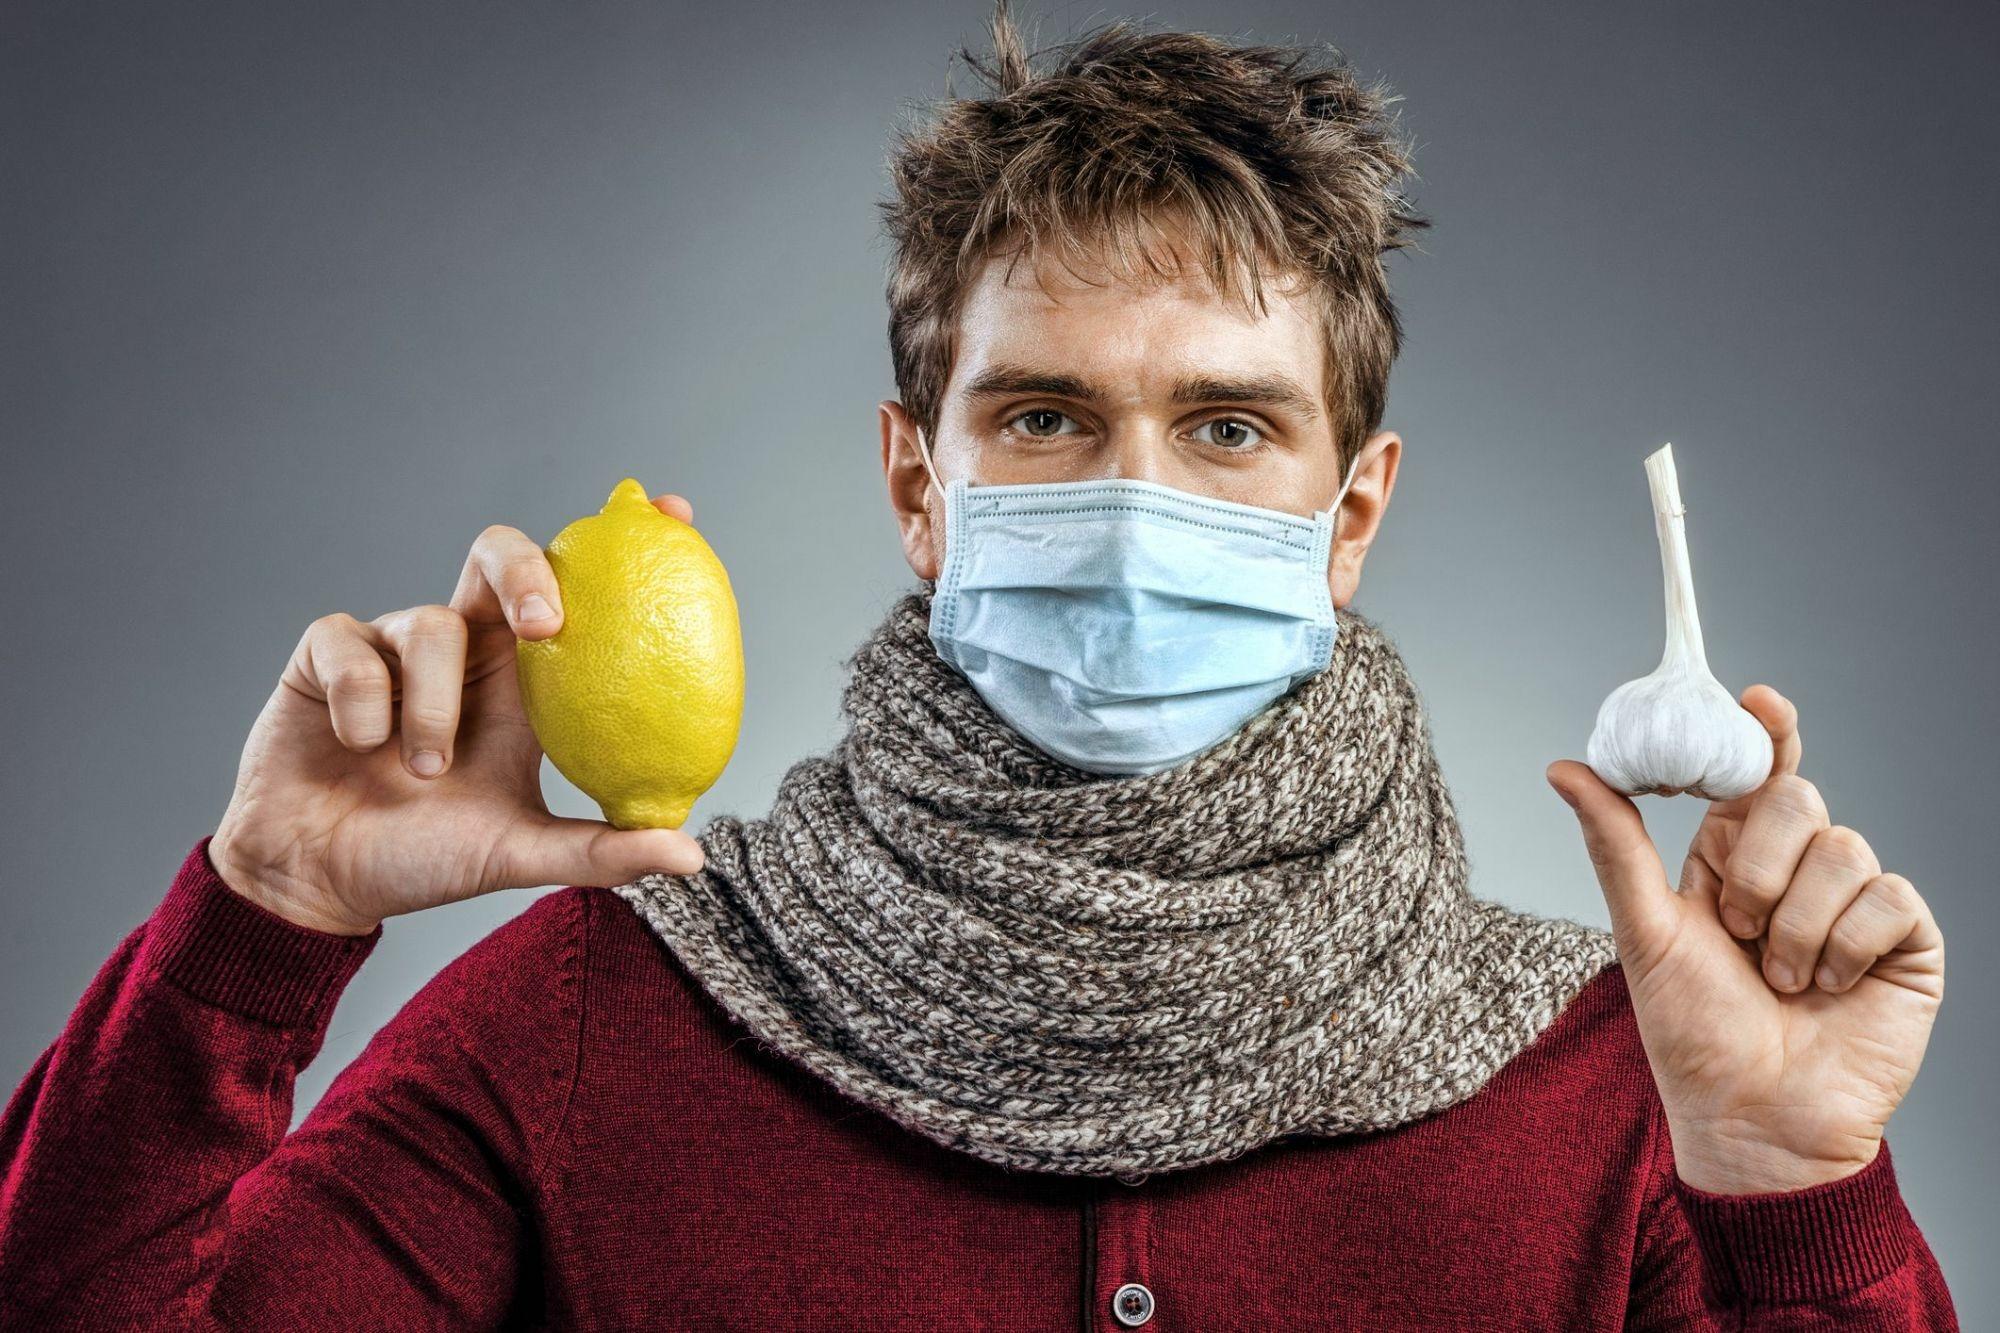 Грипп: симптомы и первые признаки, что это такое, чем и как лечить, профилактика